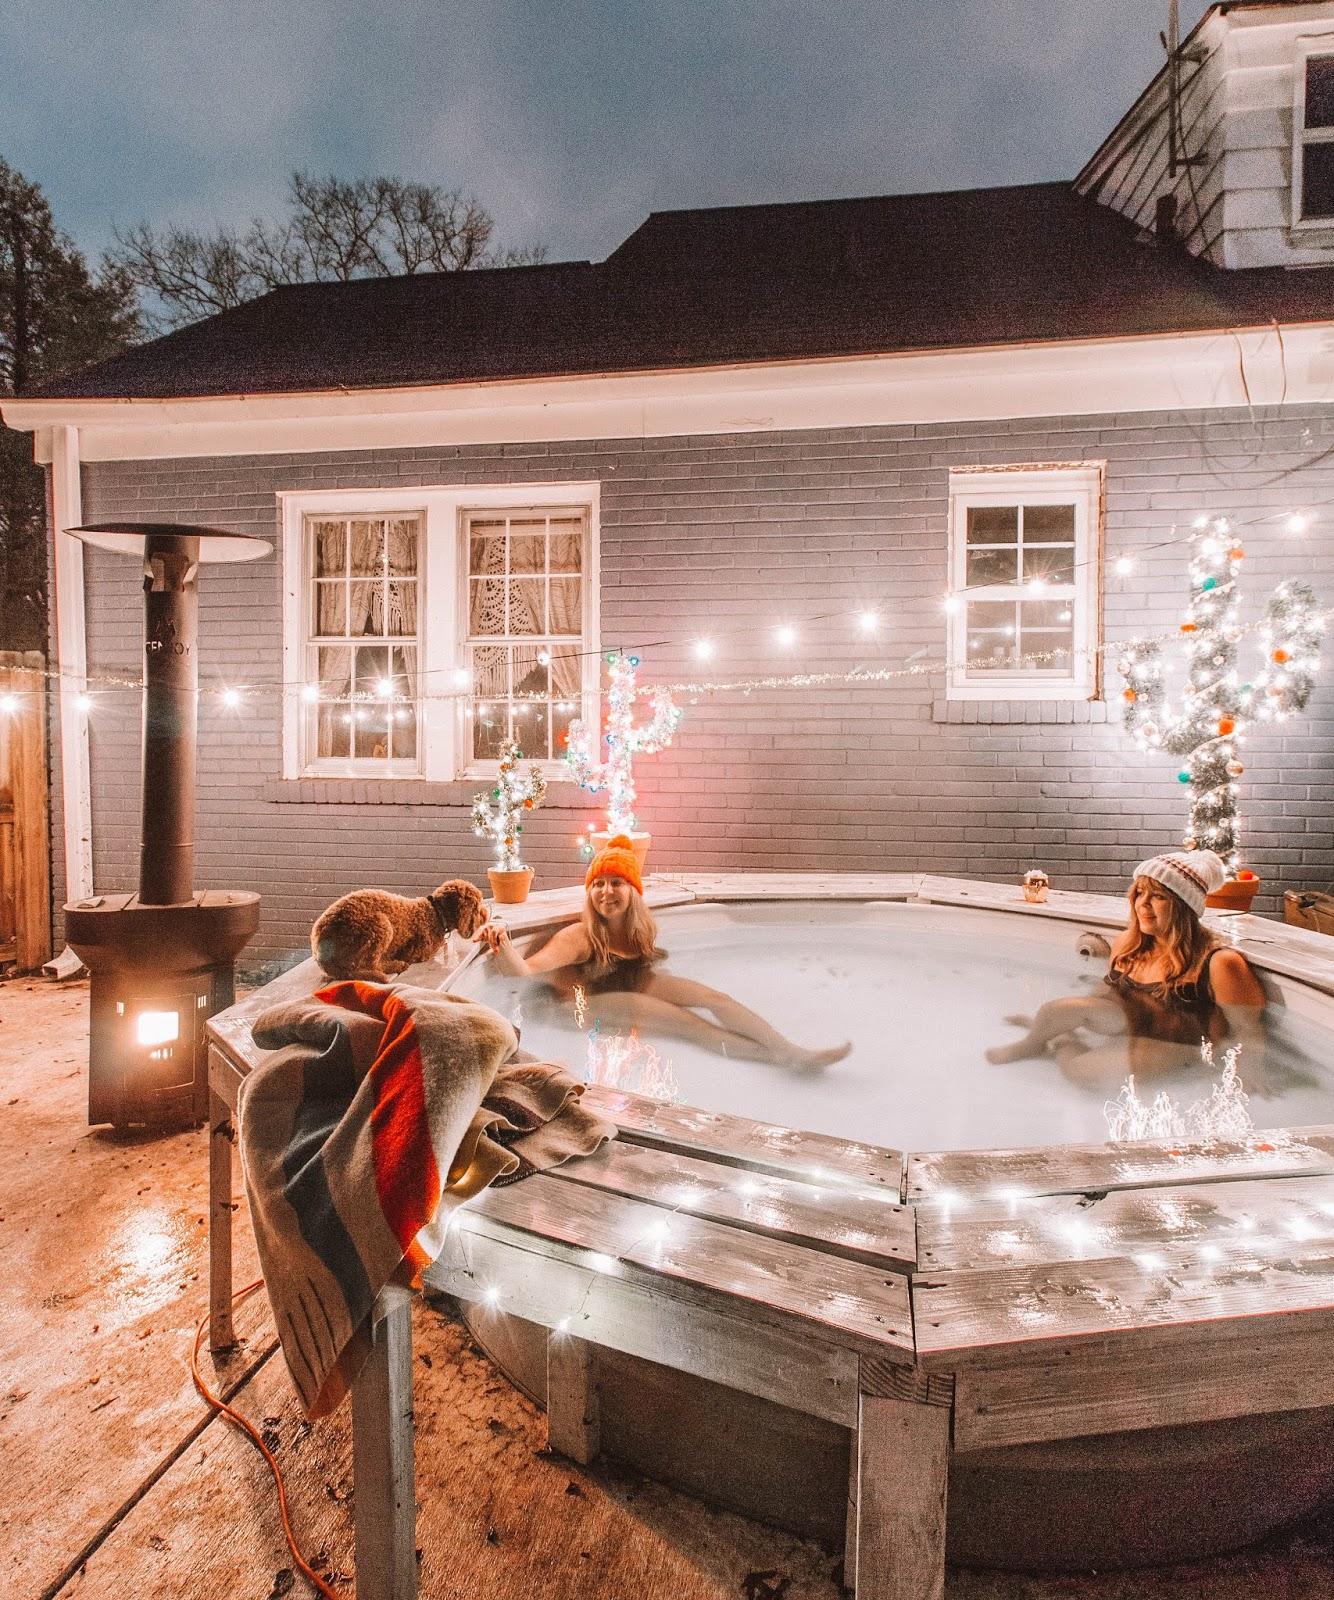 Beroemd Hot Tub DIY From A Stock Tank Pool #TT19